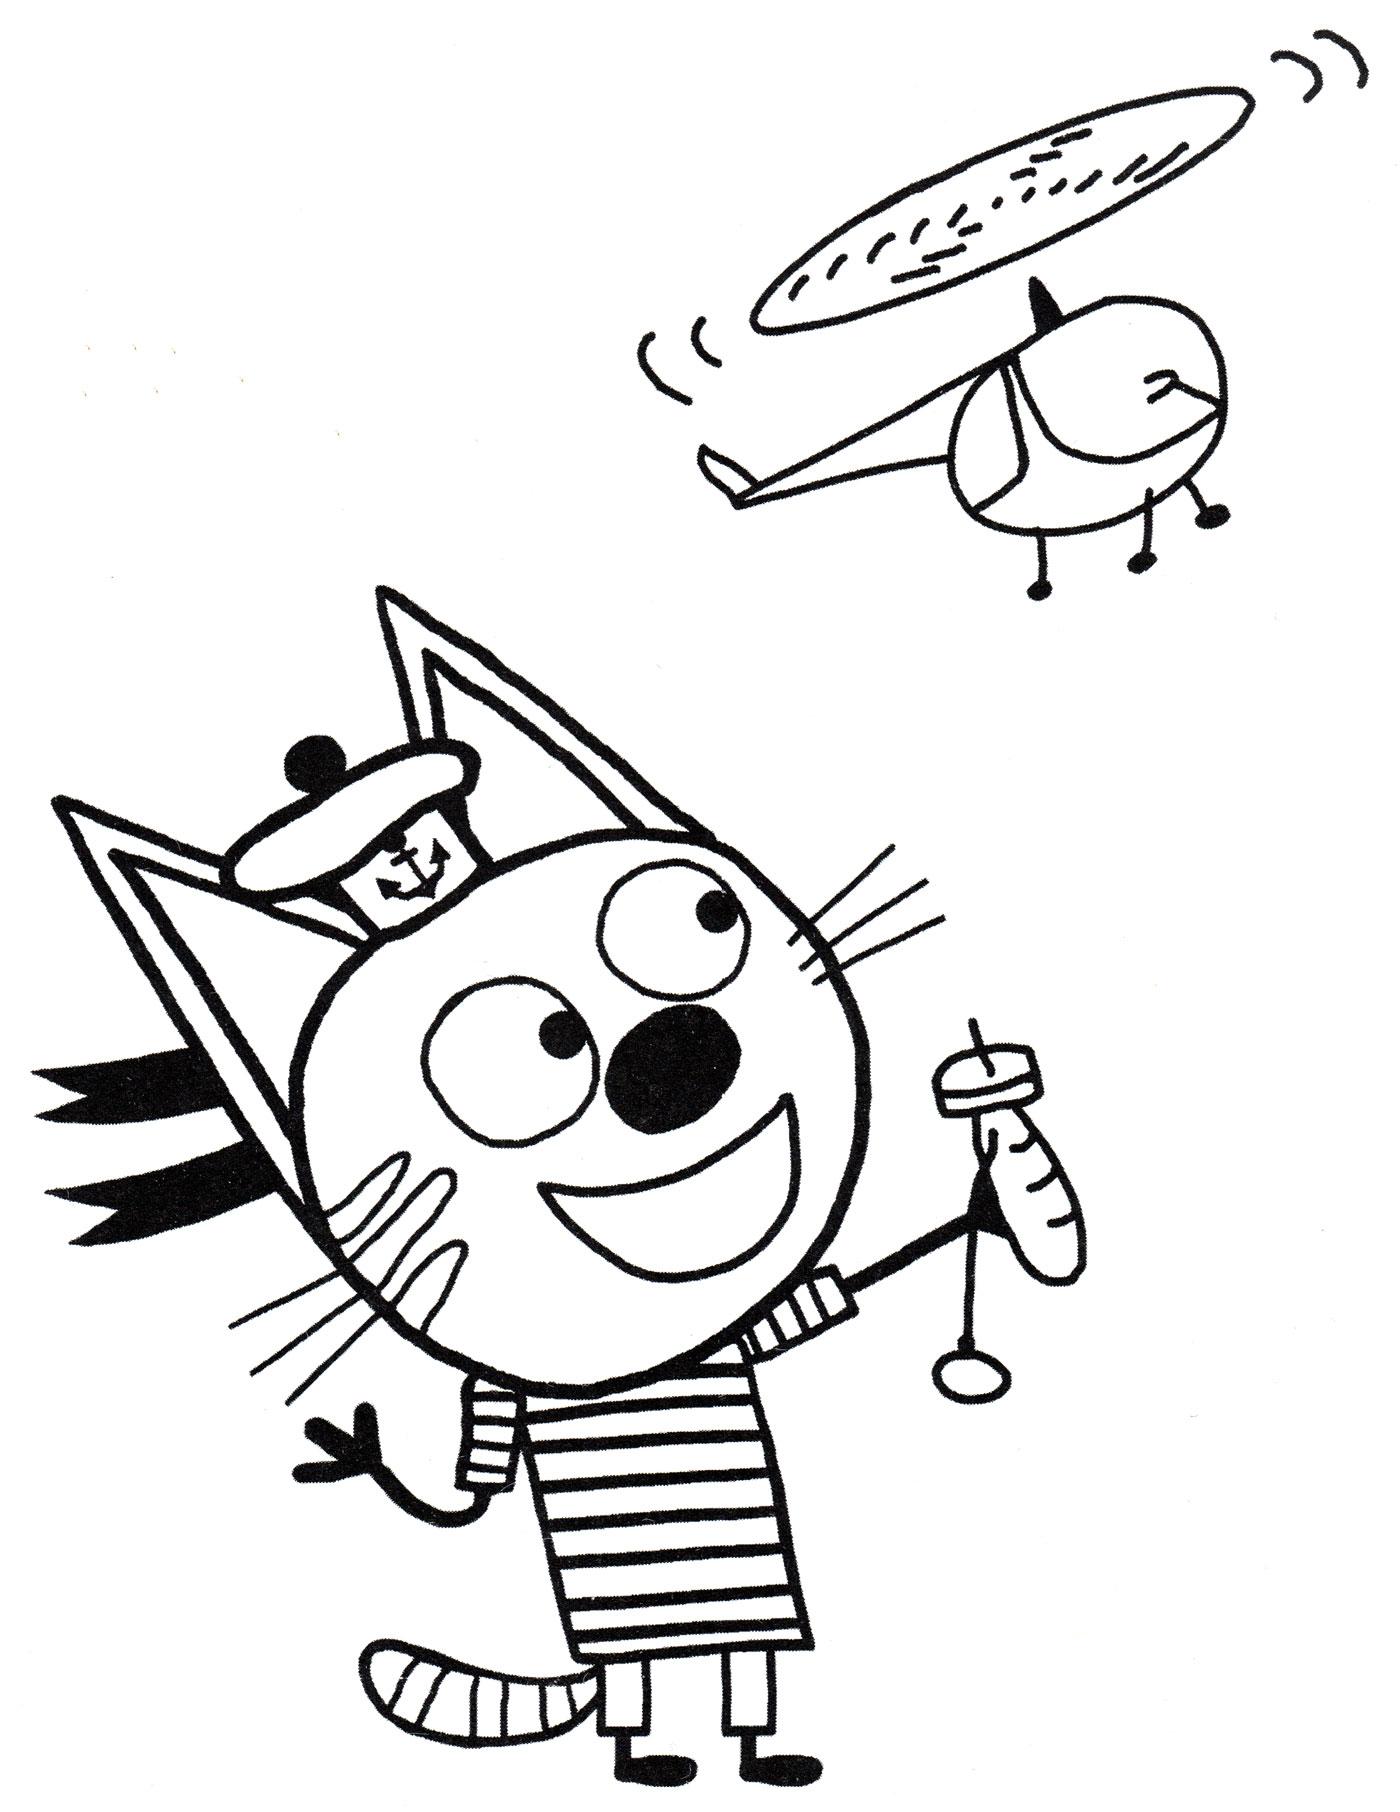 Раскраска Коржик и вертолет | Раскраски Три кота